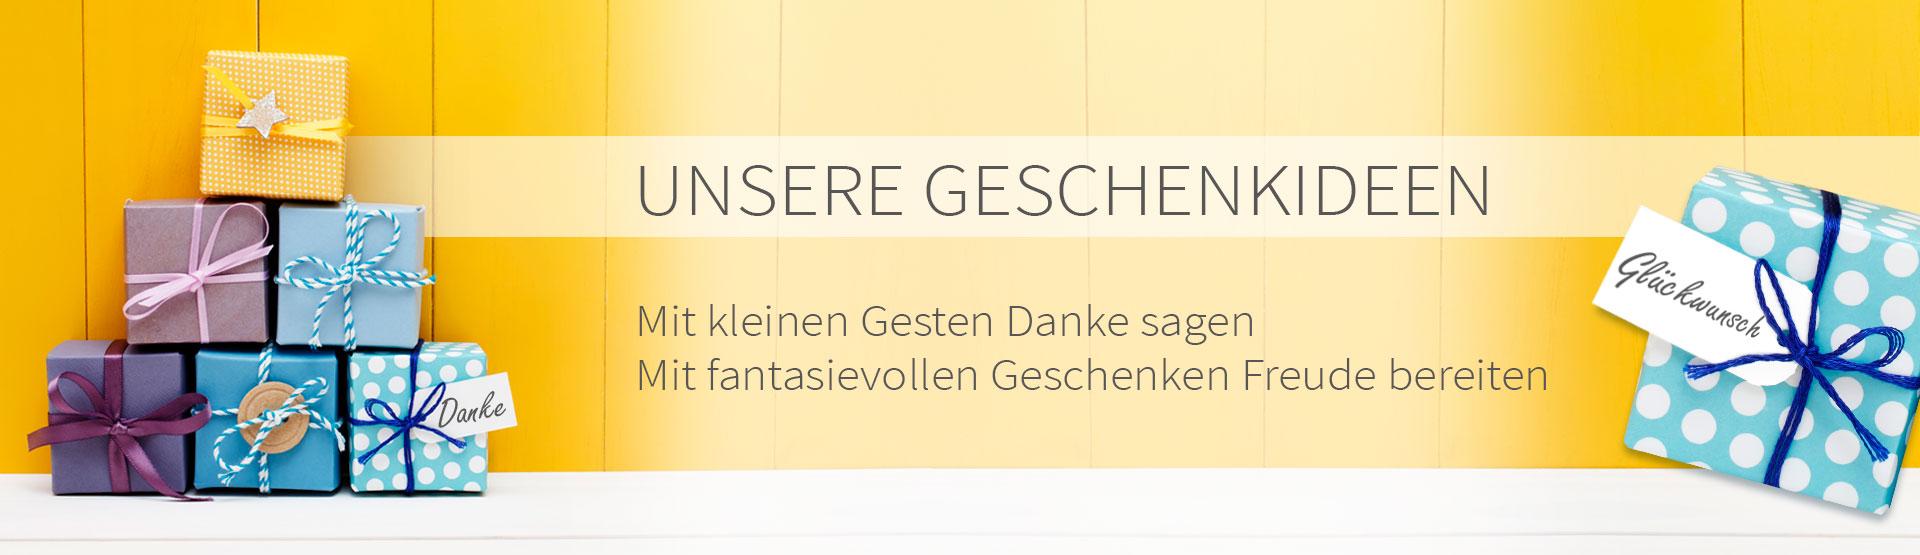 Geschenke für Geschäftspartner, Kunden & Mitarbeiter | Raab-Verlag